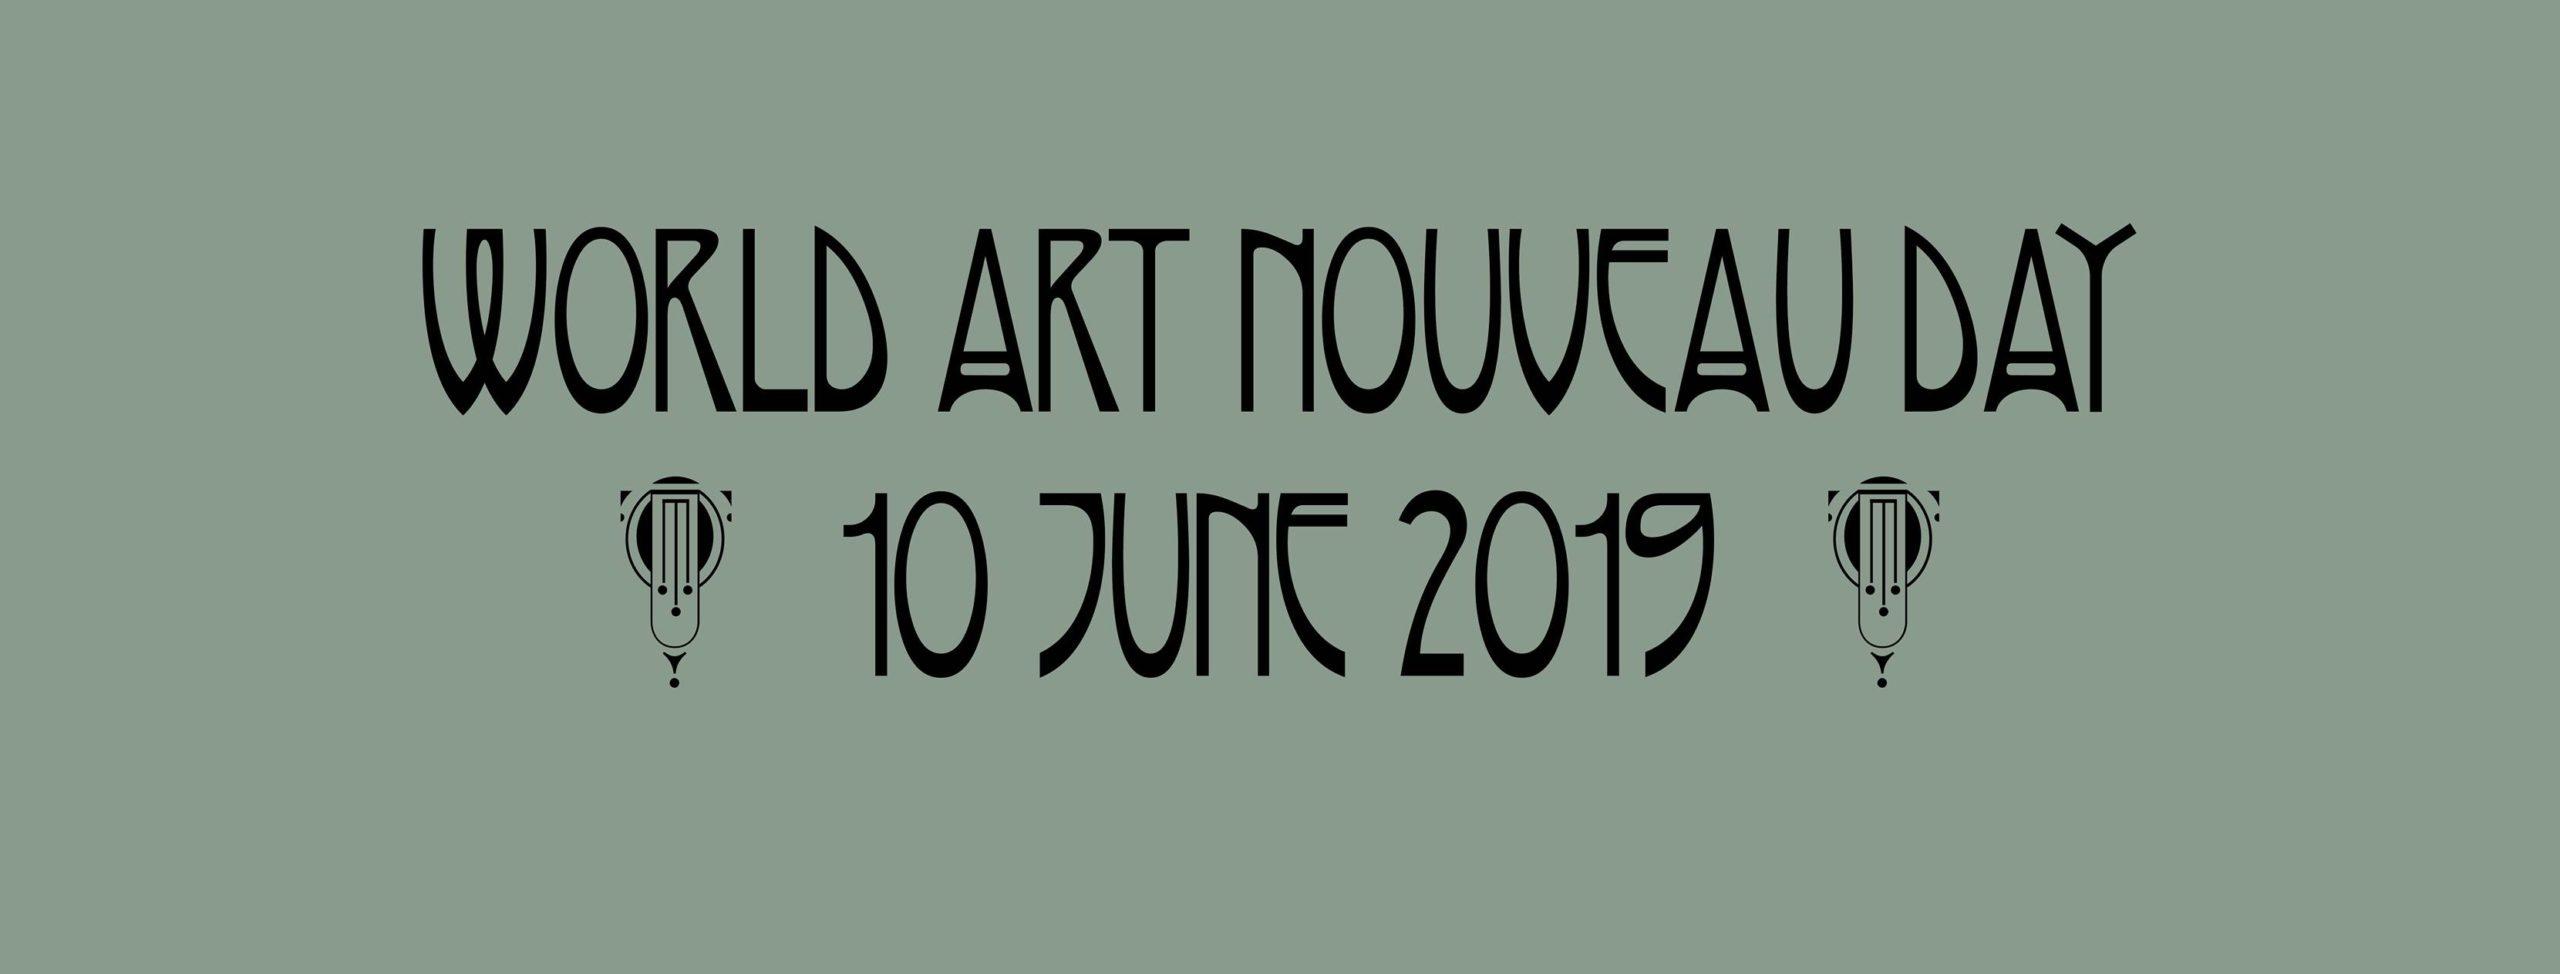 IL 10 GIUGNO È IL WORLD ART NOUVEAU DAY 2019